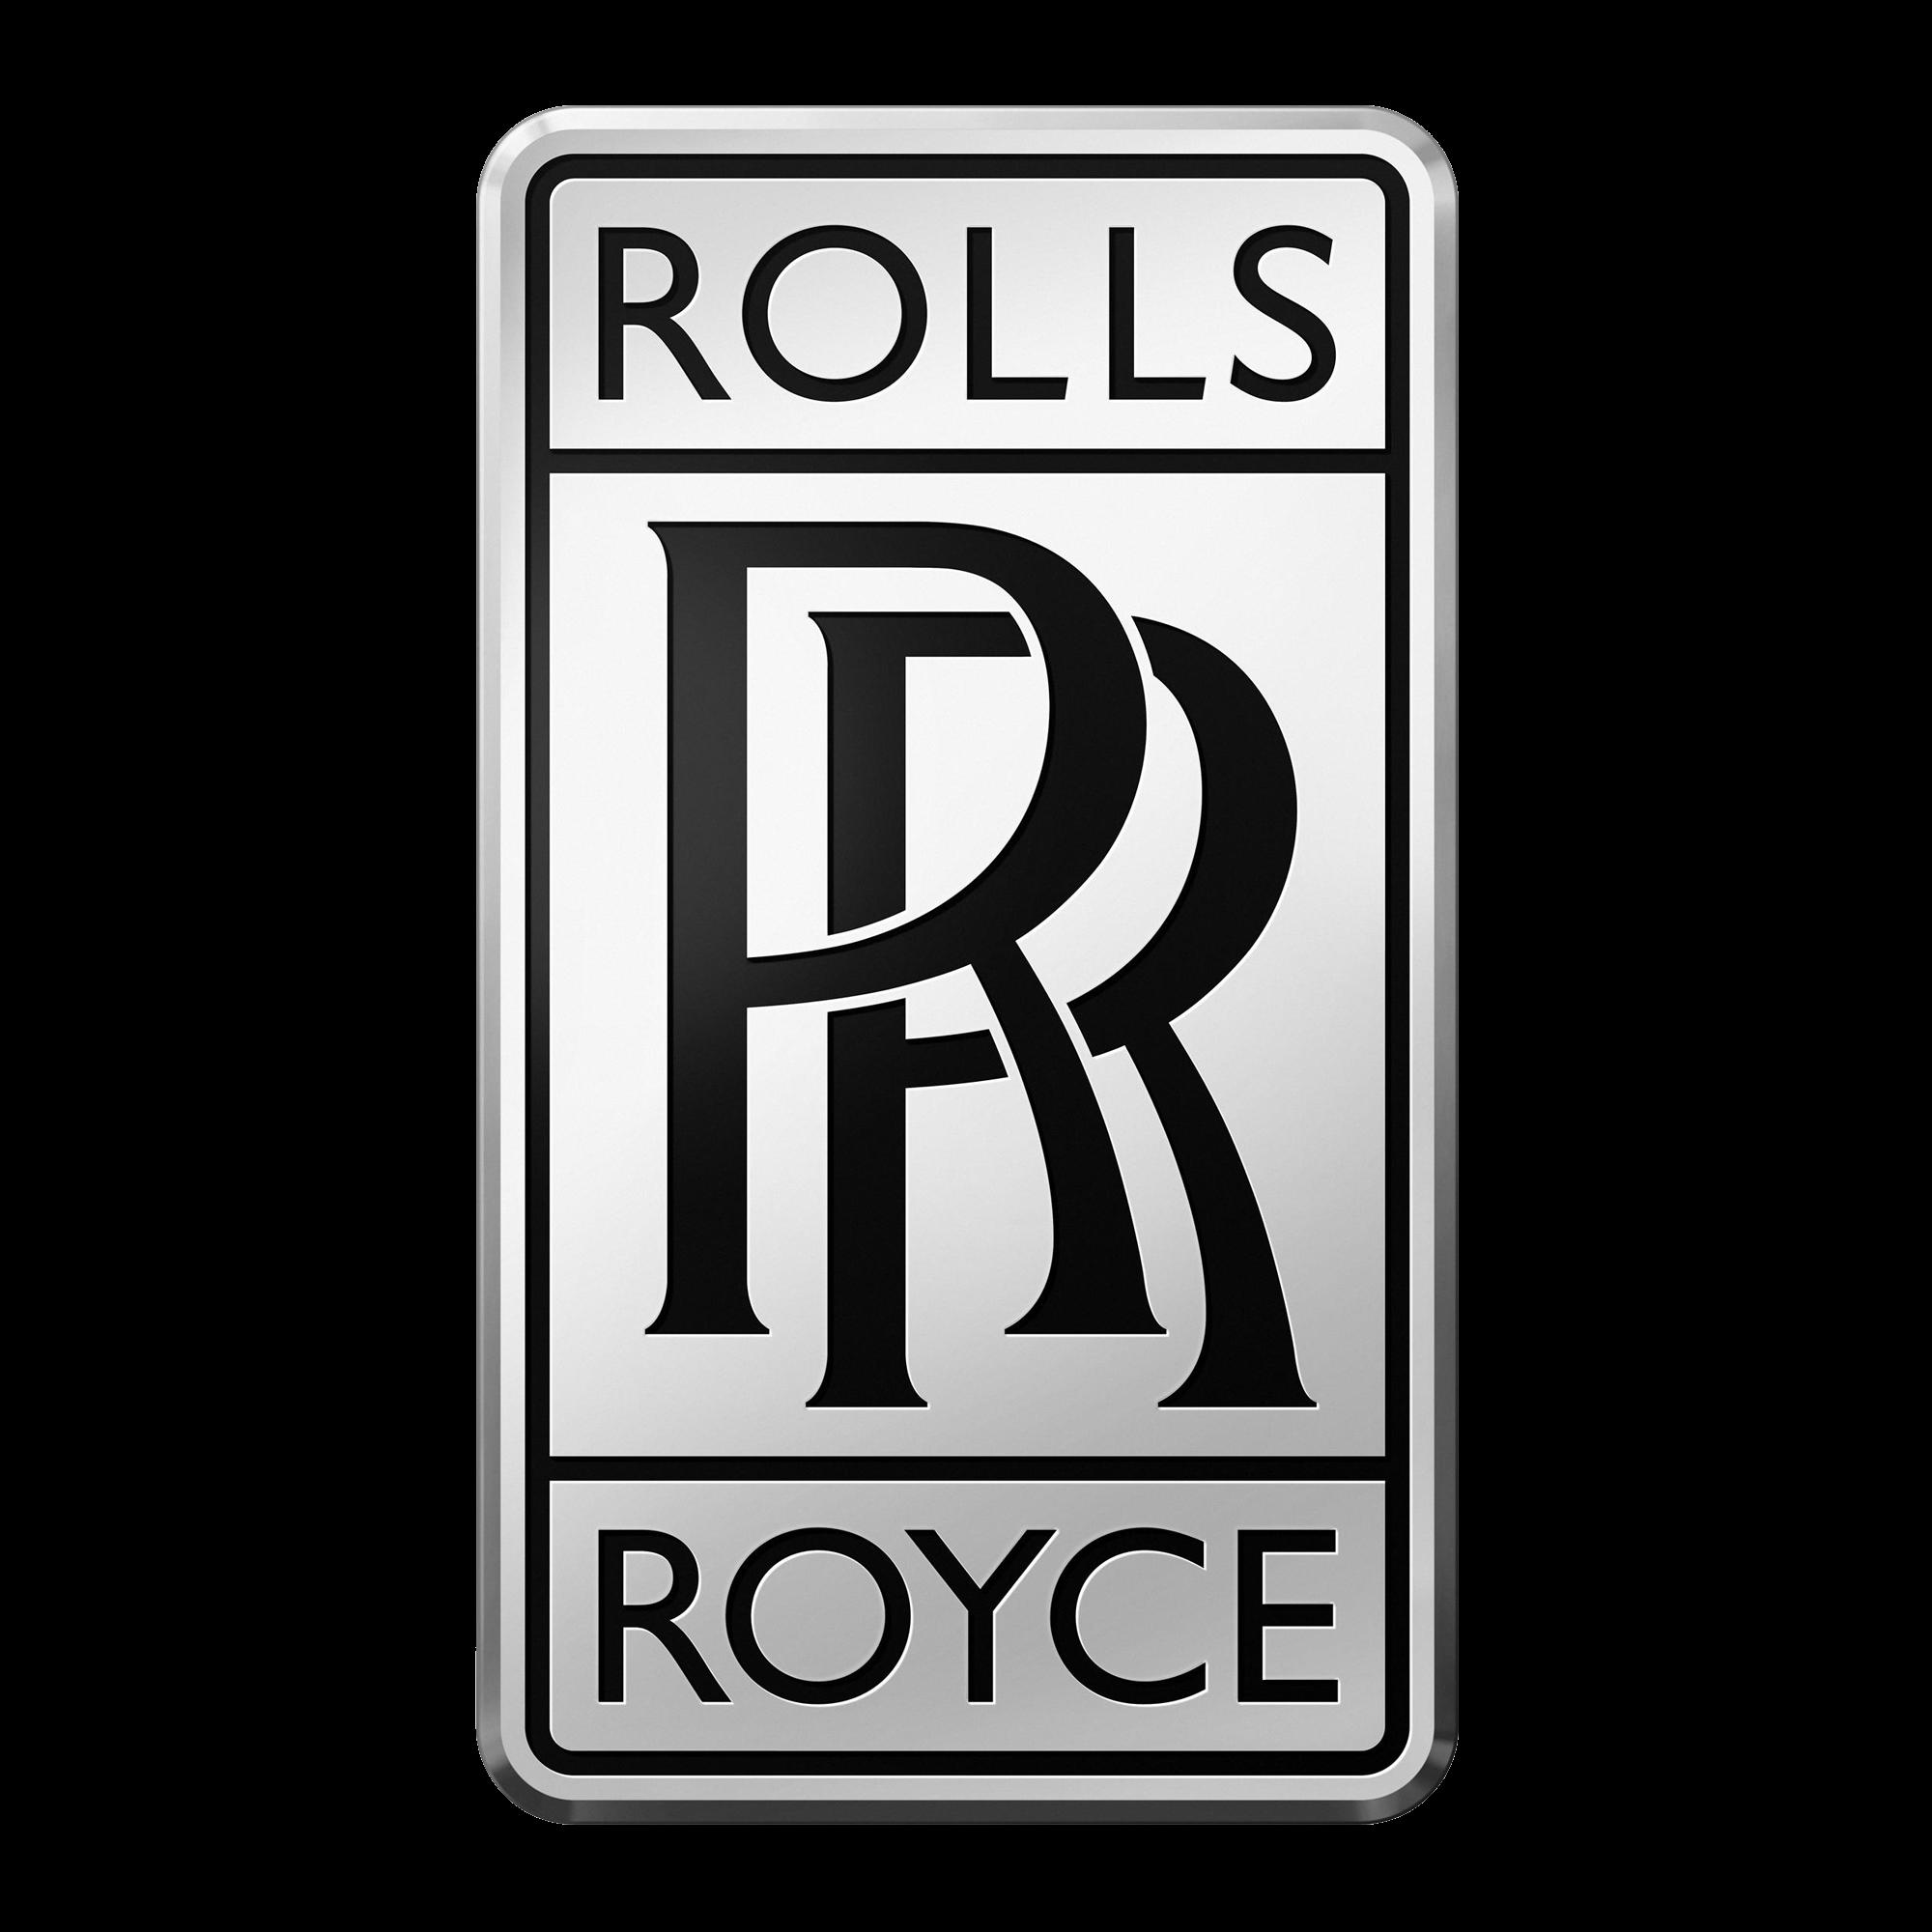 Rolls royce logo rolls royce car symbol meaning and history car rolls royce logo rolls royce car symbol meaning and history car biocorpaavc Choice Image